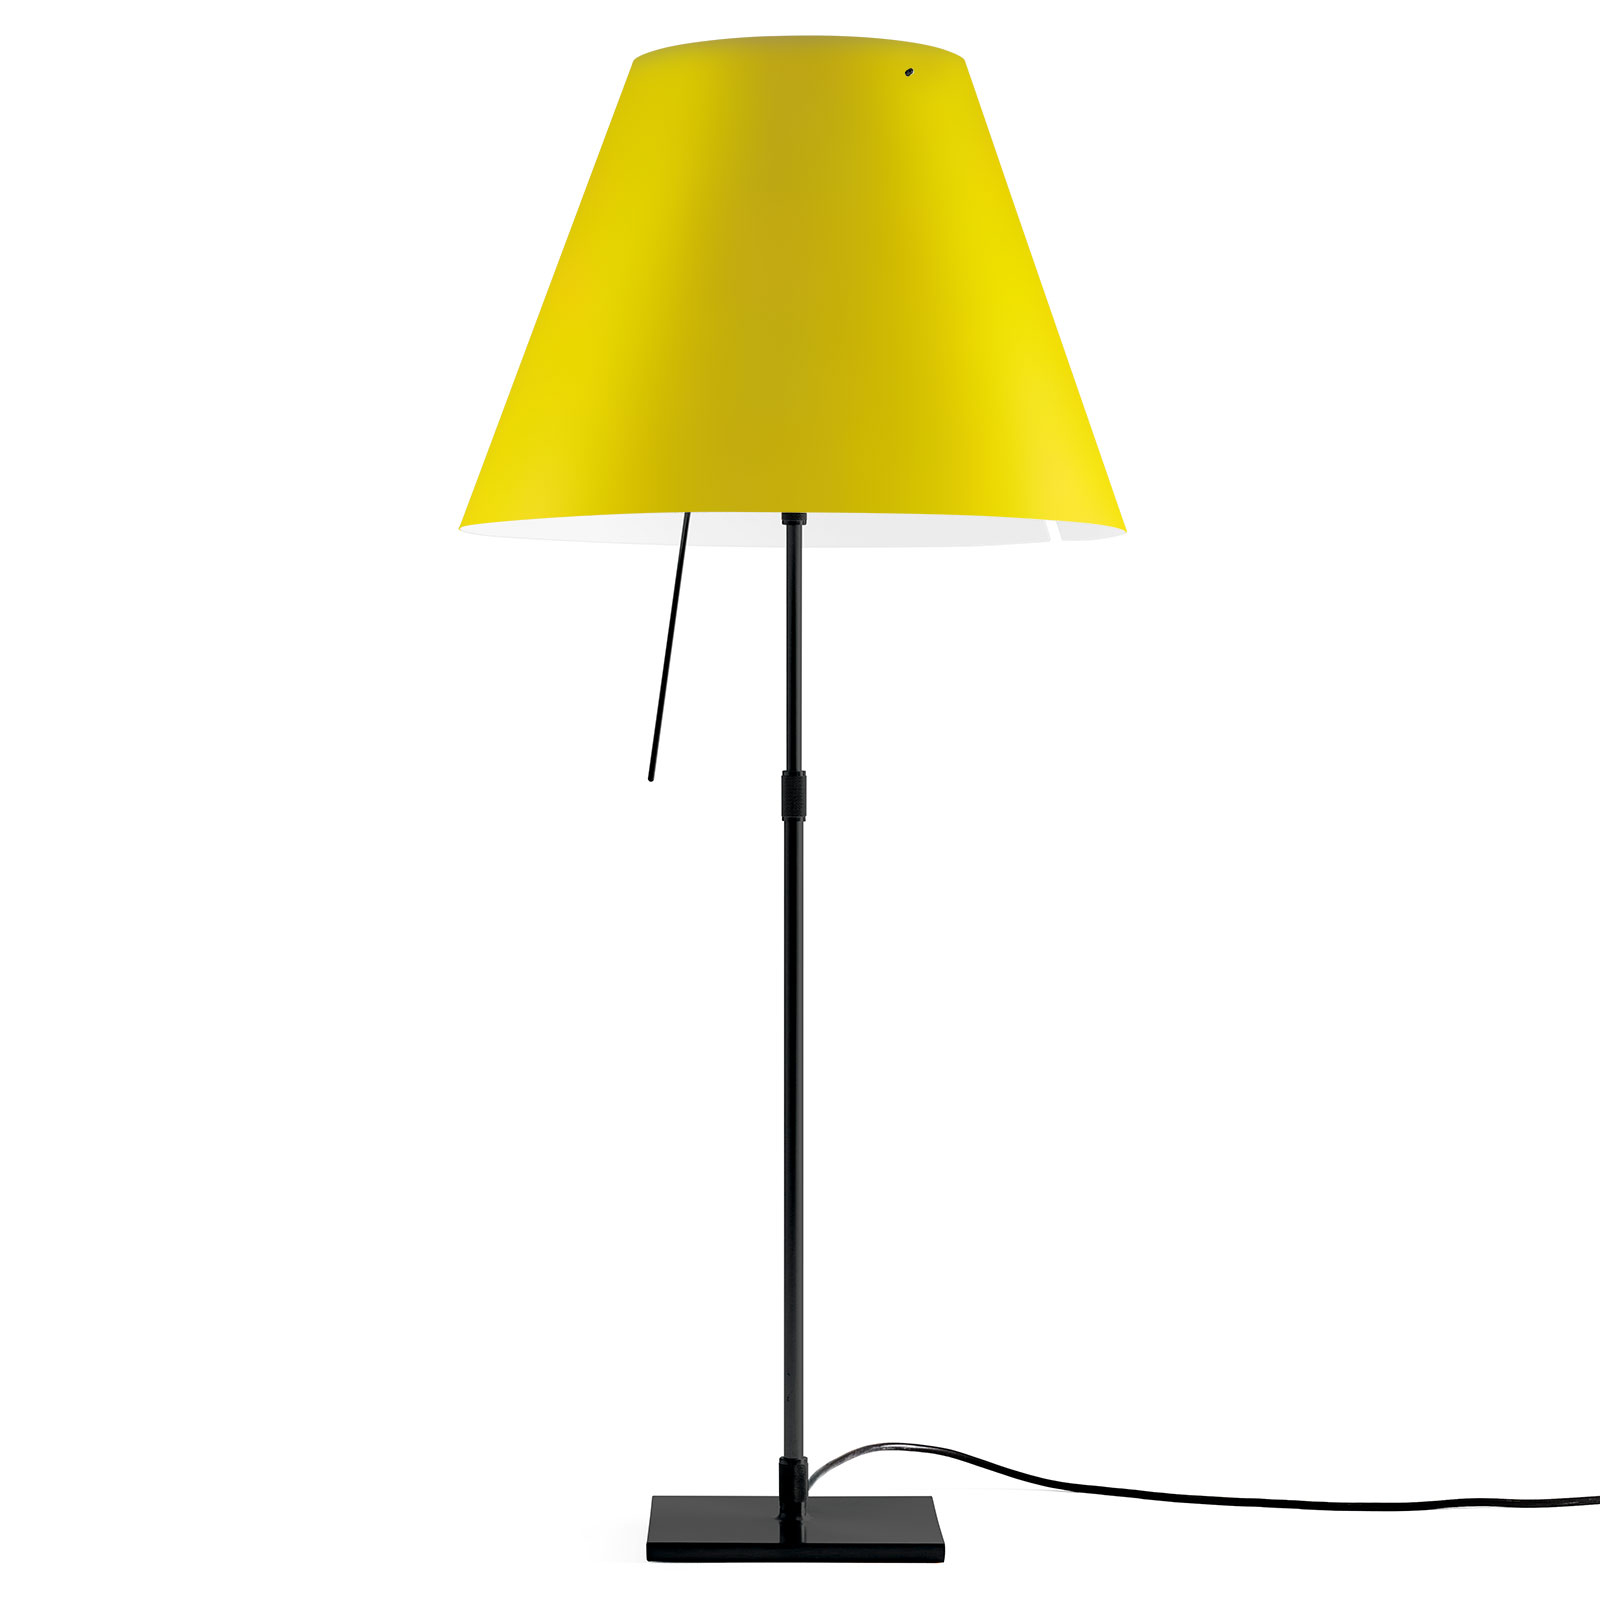 Luceplan Costanza Tischlampe D13 schwarz/gelb